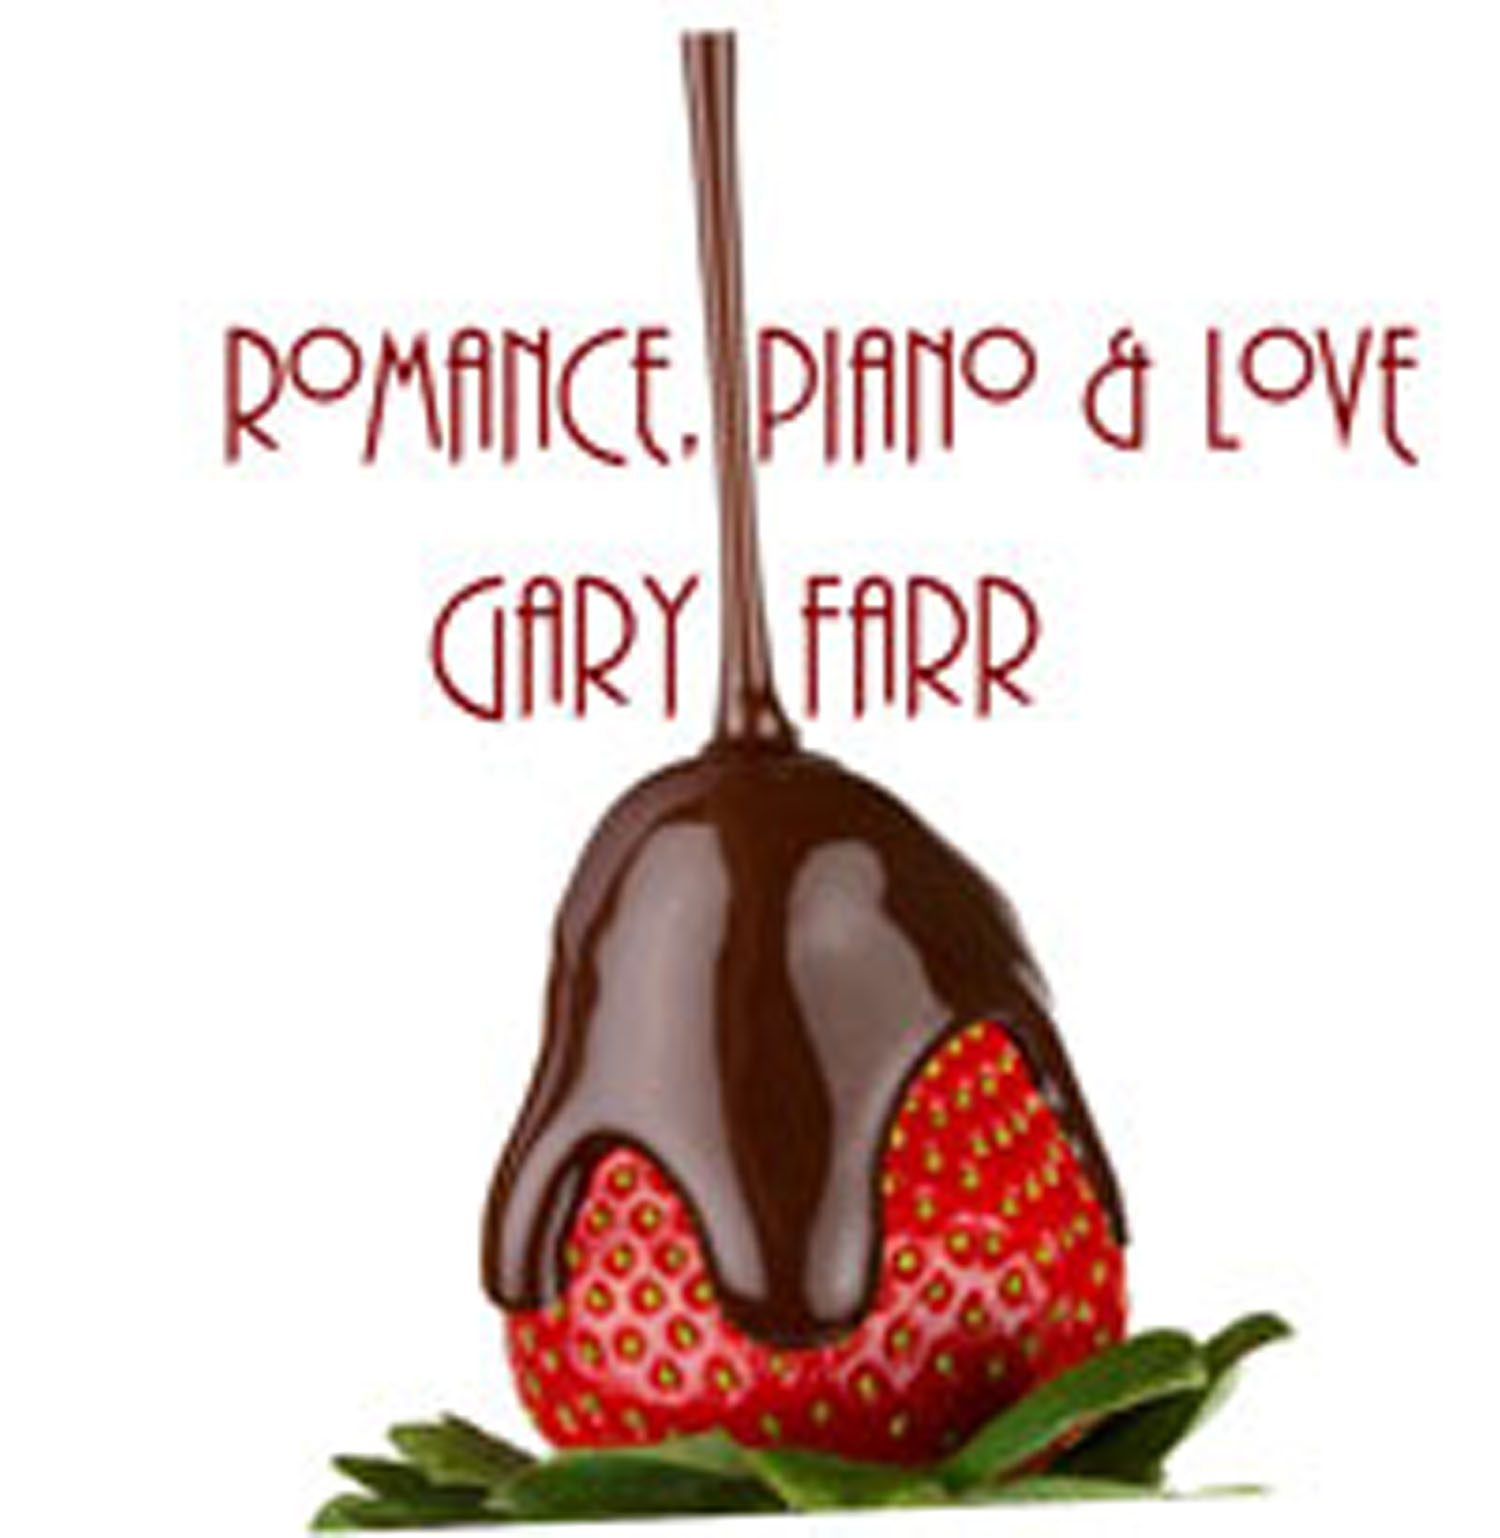 Romance, Piano & Love